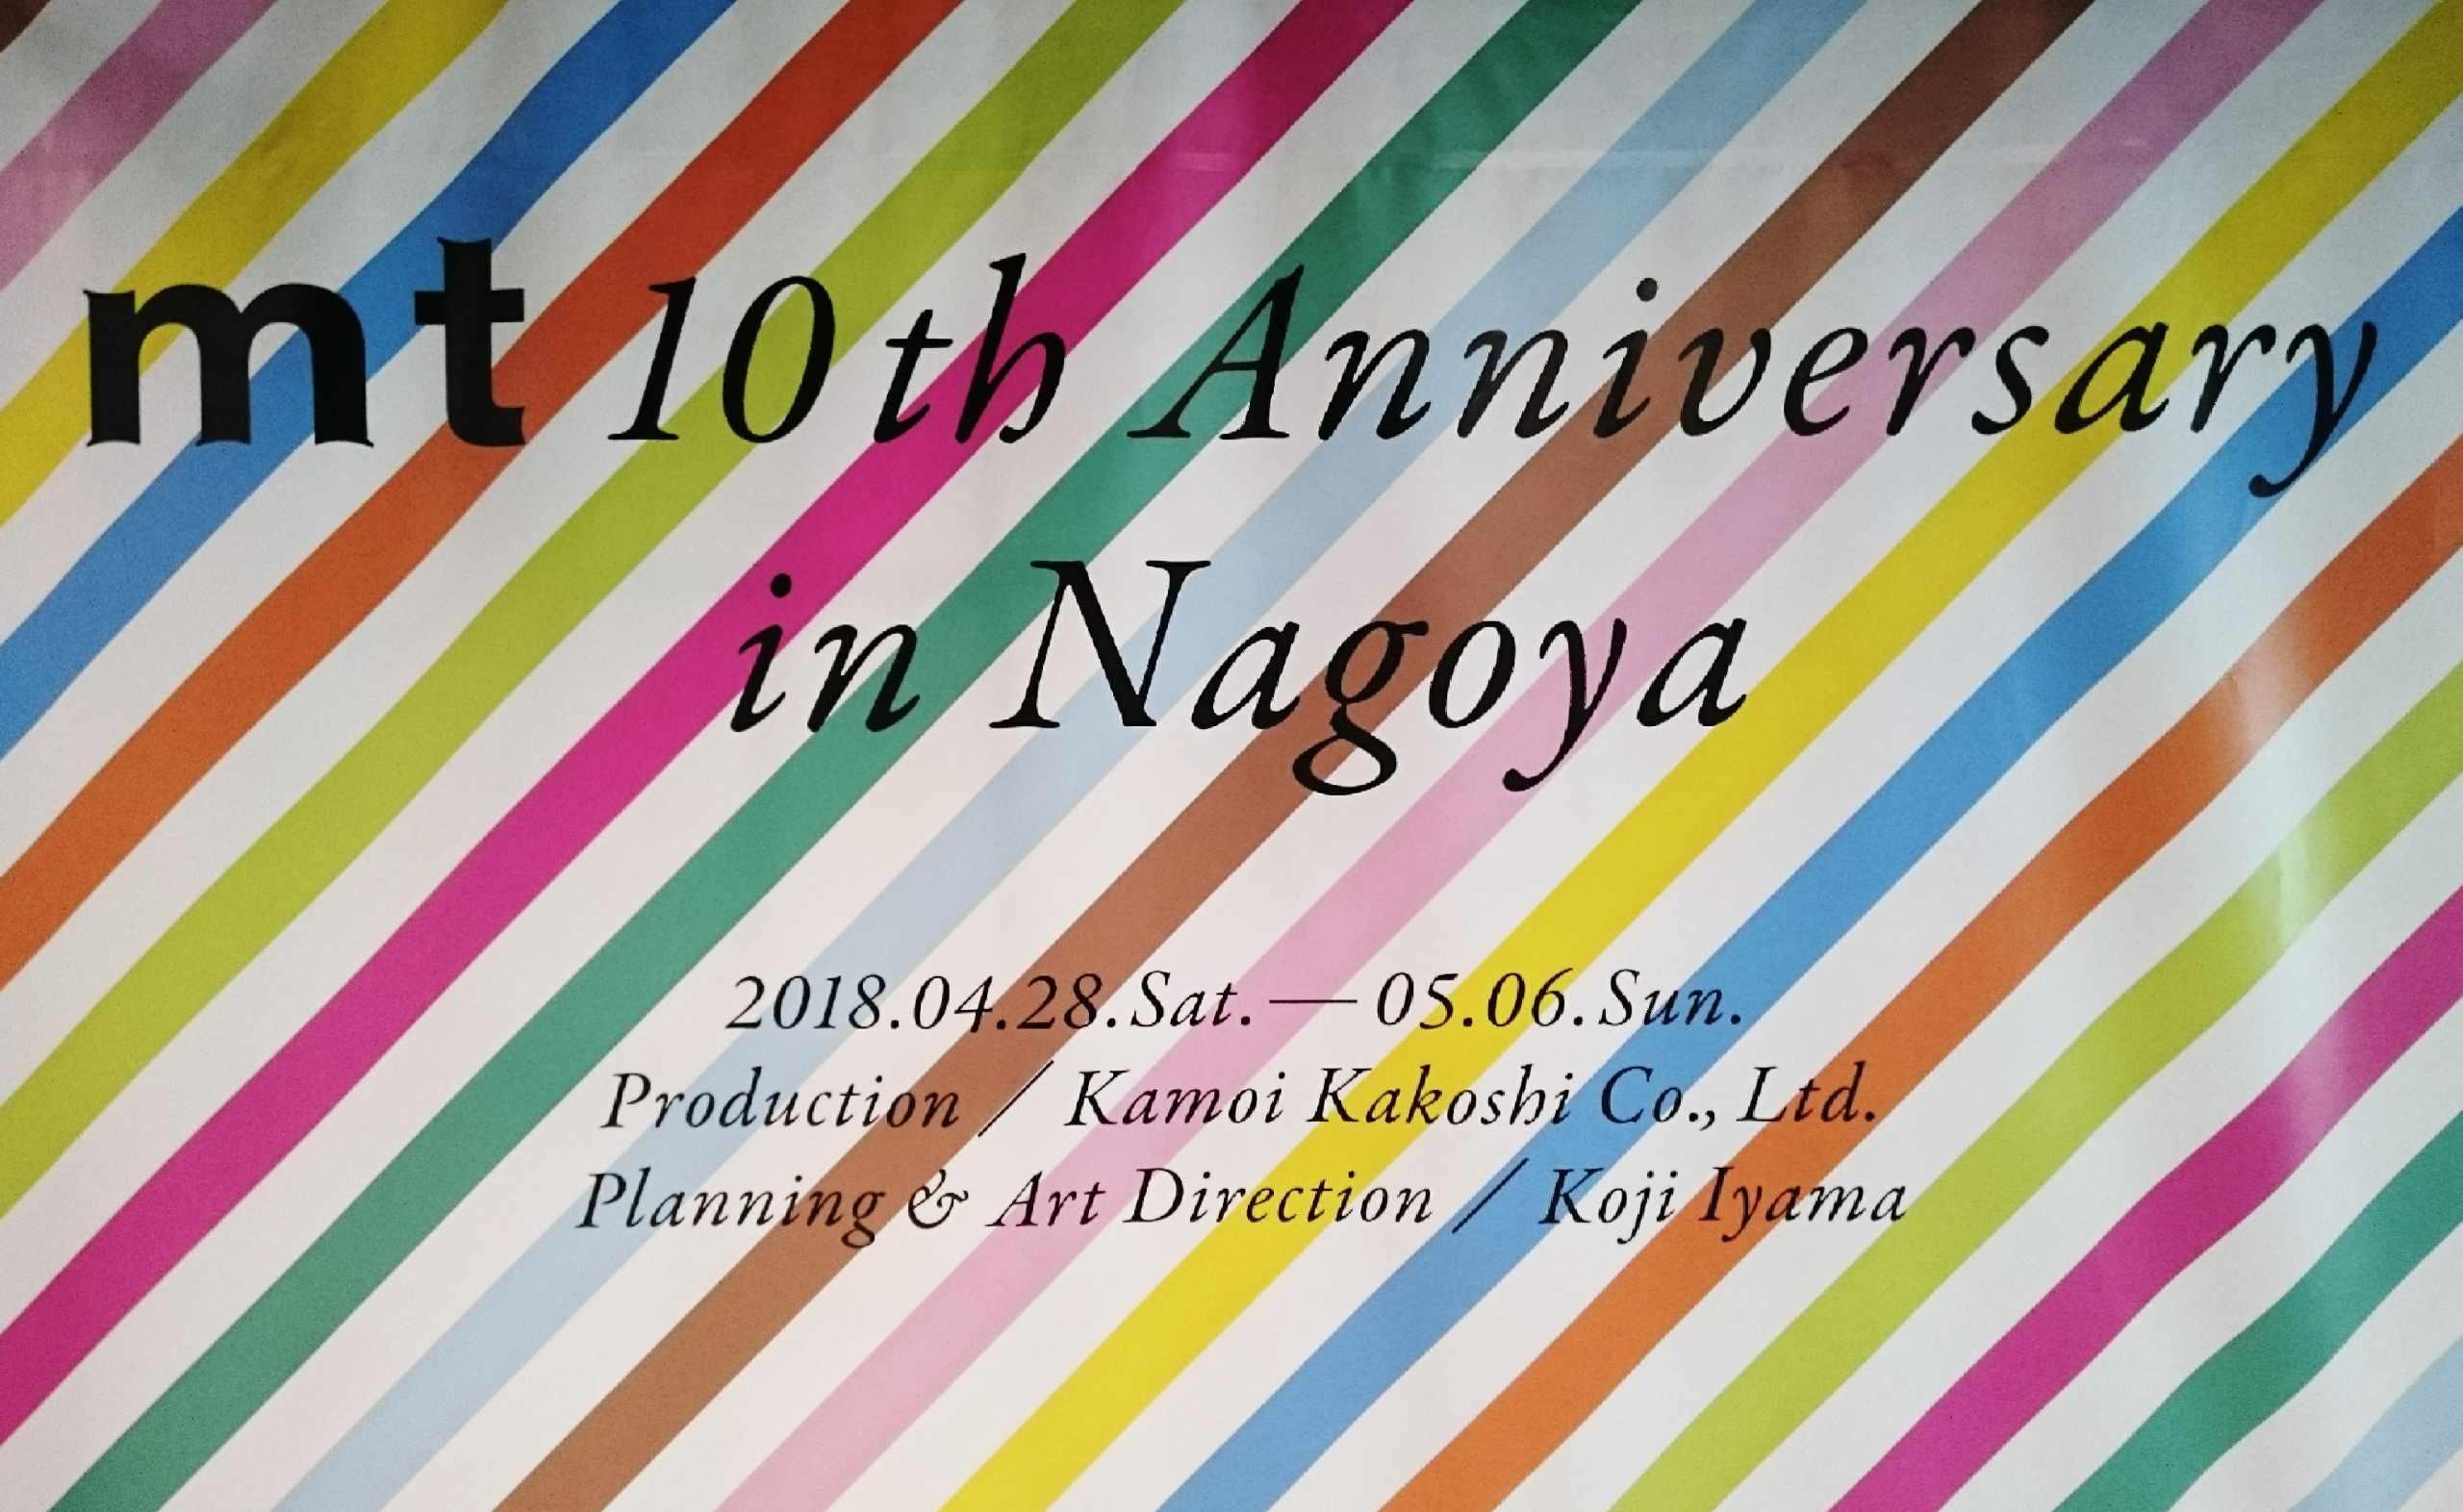 5/6まで!mt 10th Anniversary in Nagoya